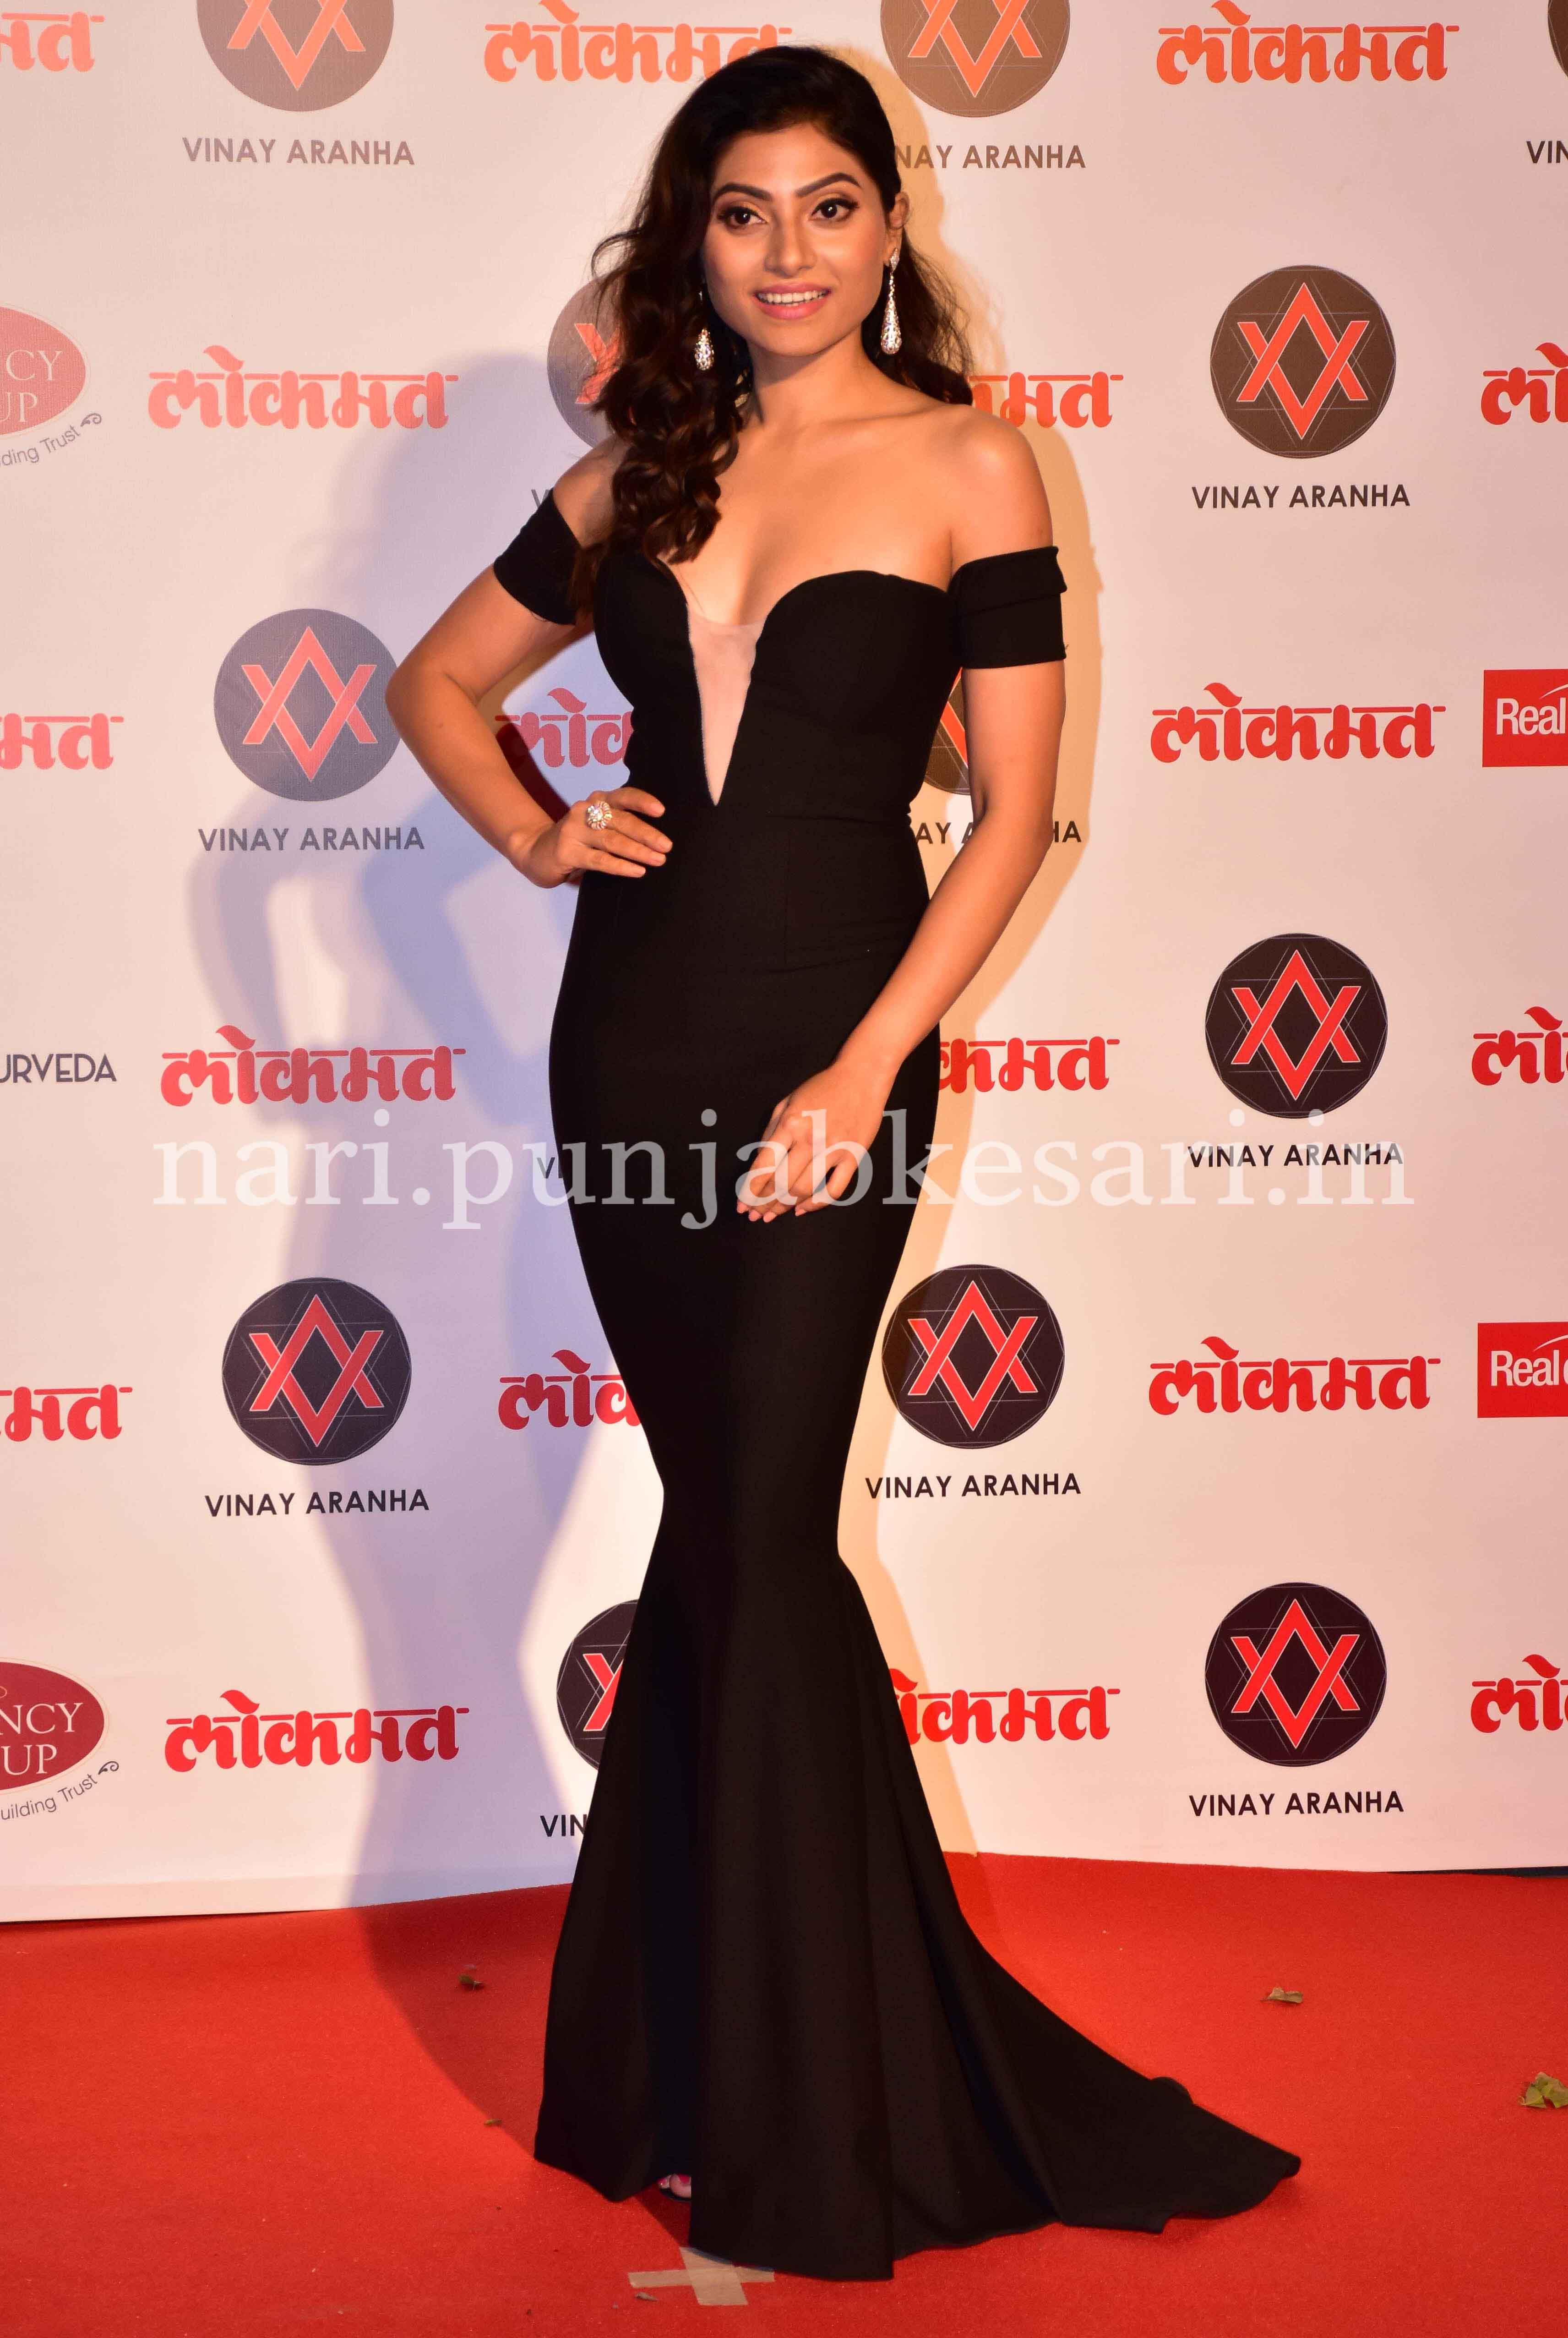 PunjabKesari, bollywood actress